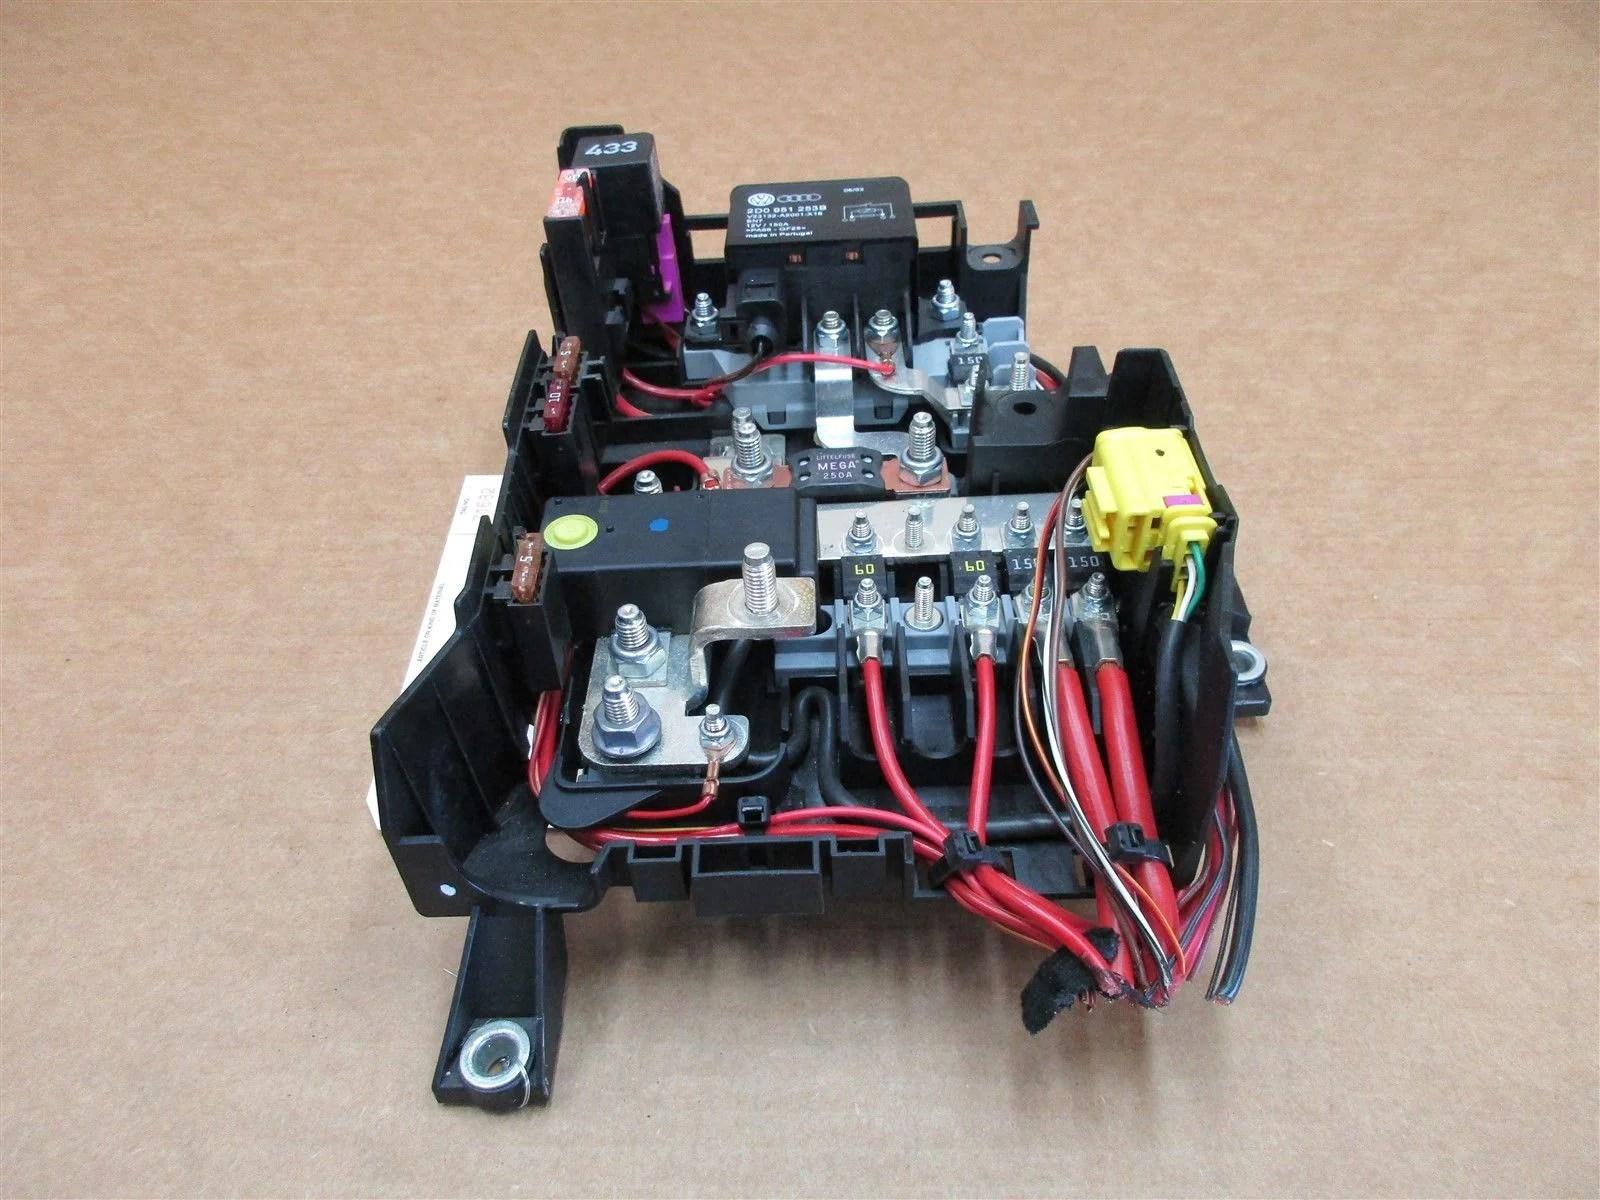 04 cayenne turbo awd porsche 955 fuse box relay 7l0937548a 2d0951253b 88 808 [ 1600 x 1200 Pixel ]